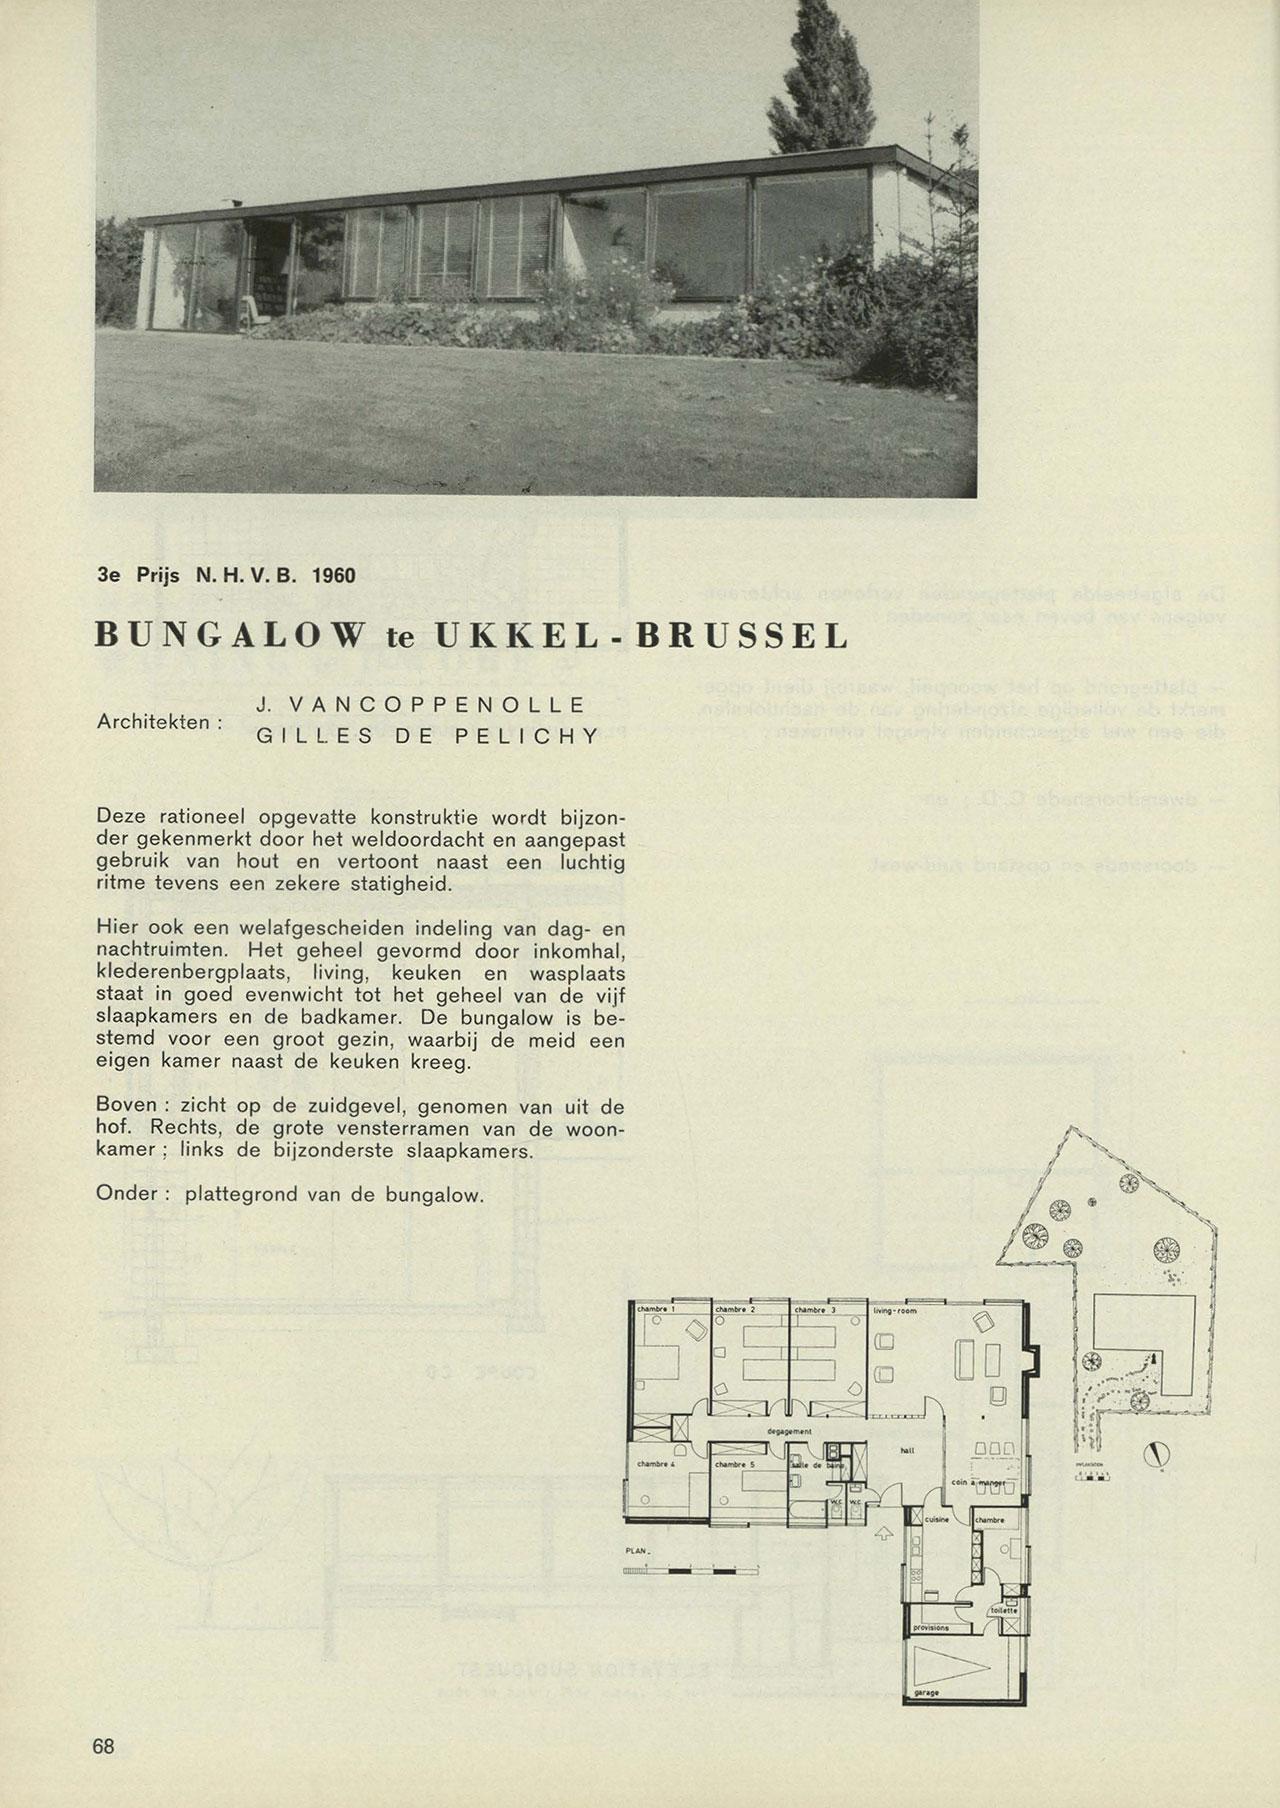 Bungalow te Ukkel-Brussel